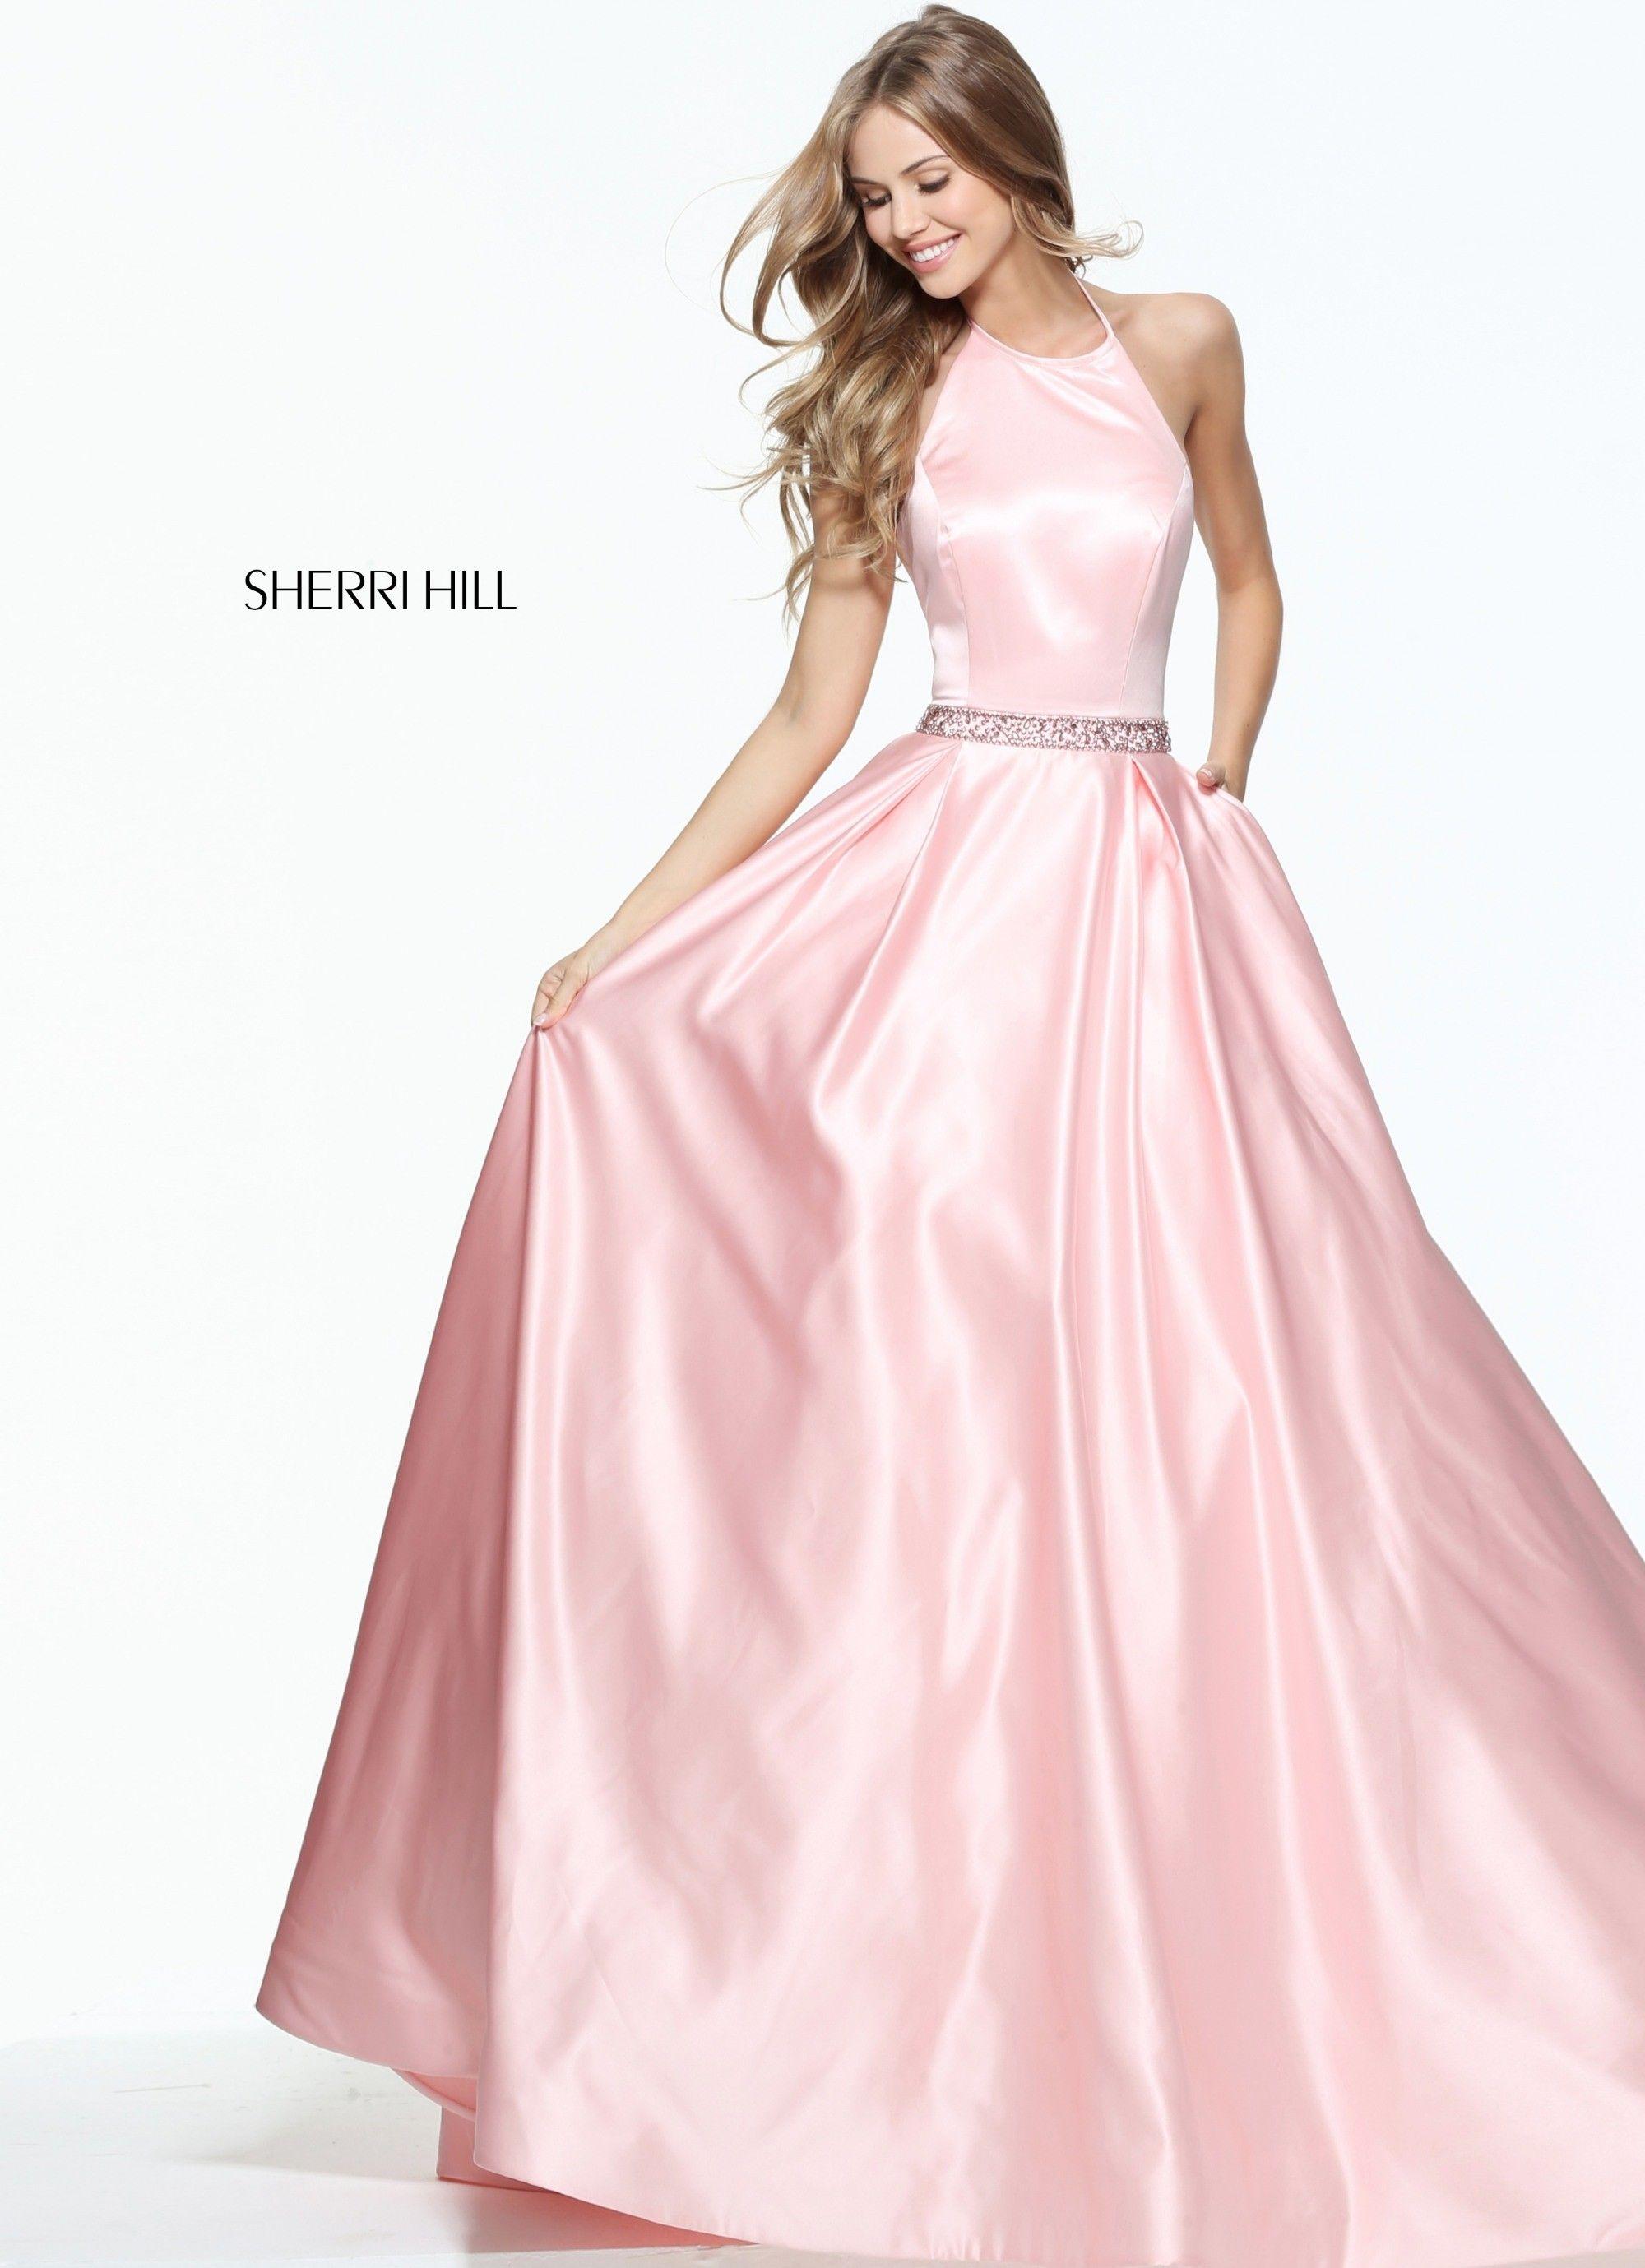 Sherri Hill 51036 Prom Dress | Vestiditos, Vestidos fiestas y ...